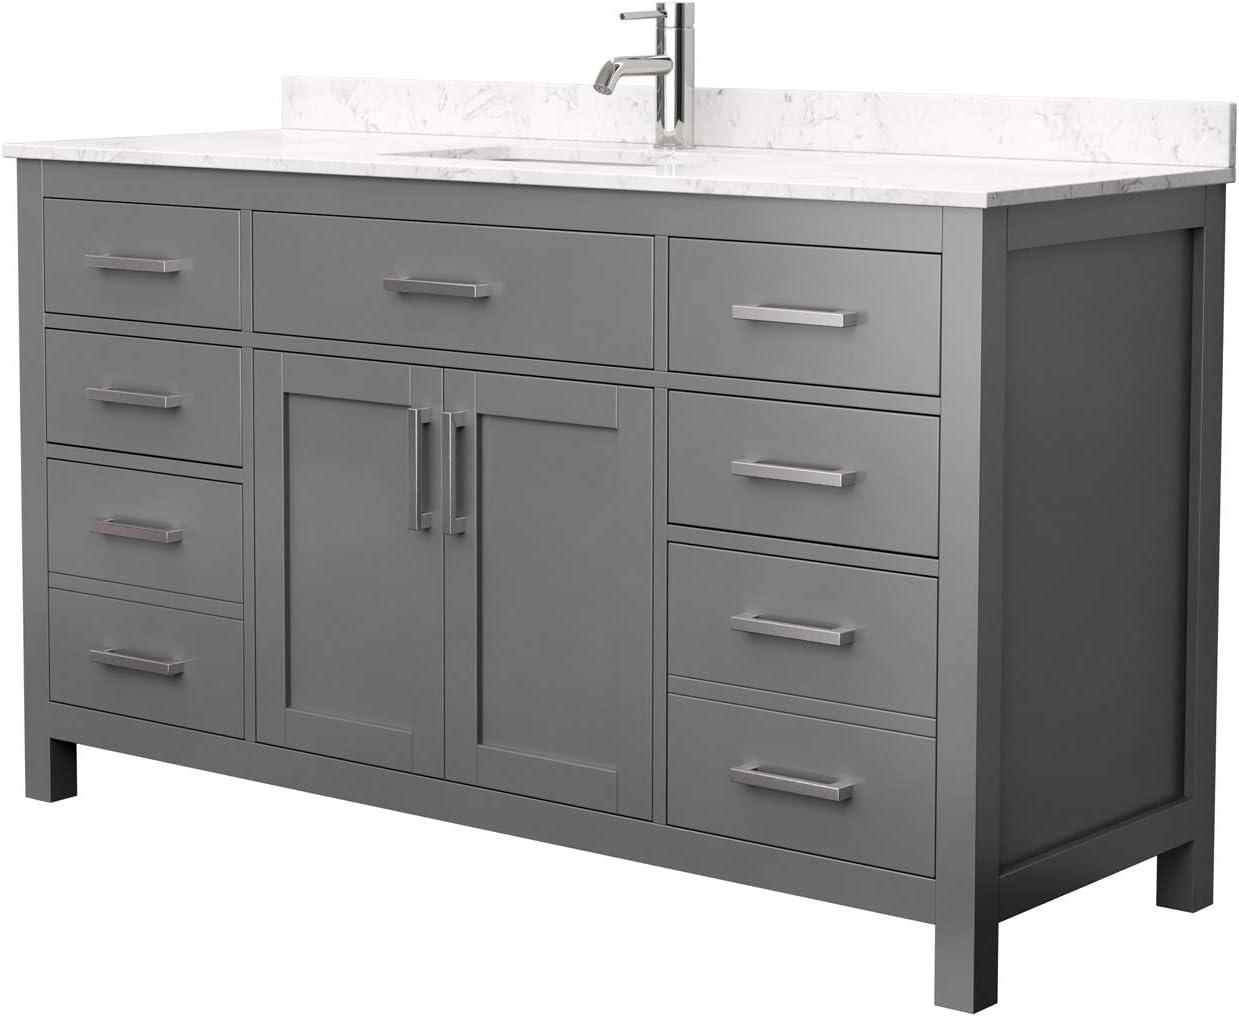 Beckett 60 Inch Single Bathroom Vanity In Dark Gray Carrara Cultured Marble Countertop Undermount Square Sink No Mirror Amazon Com